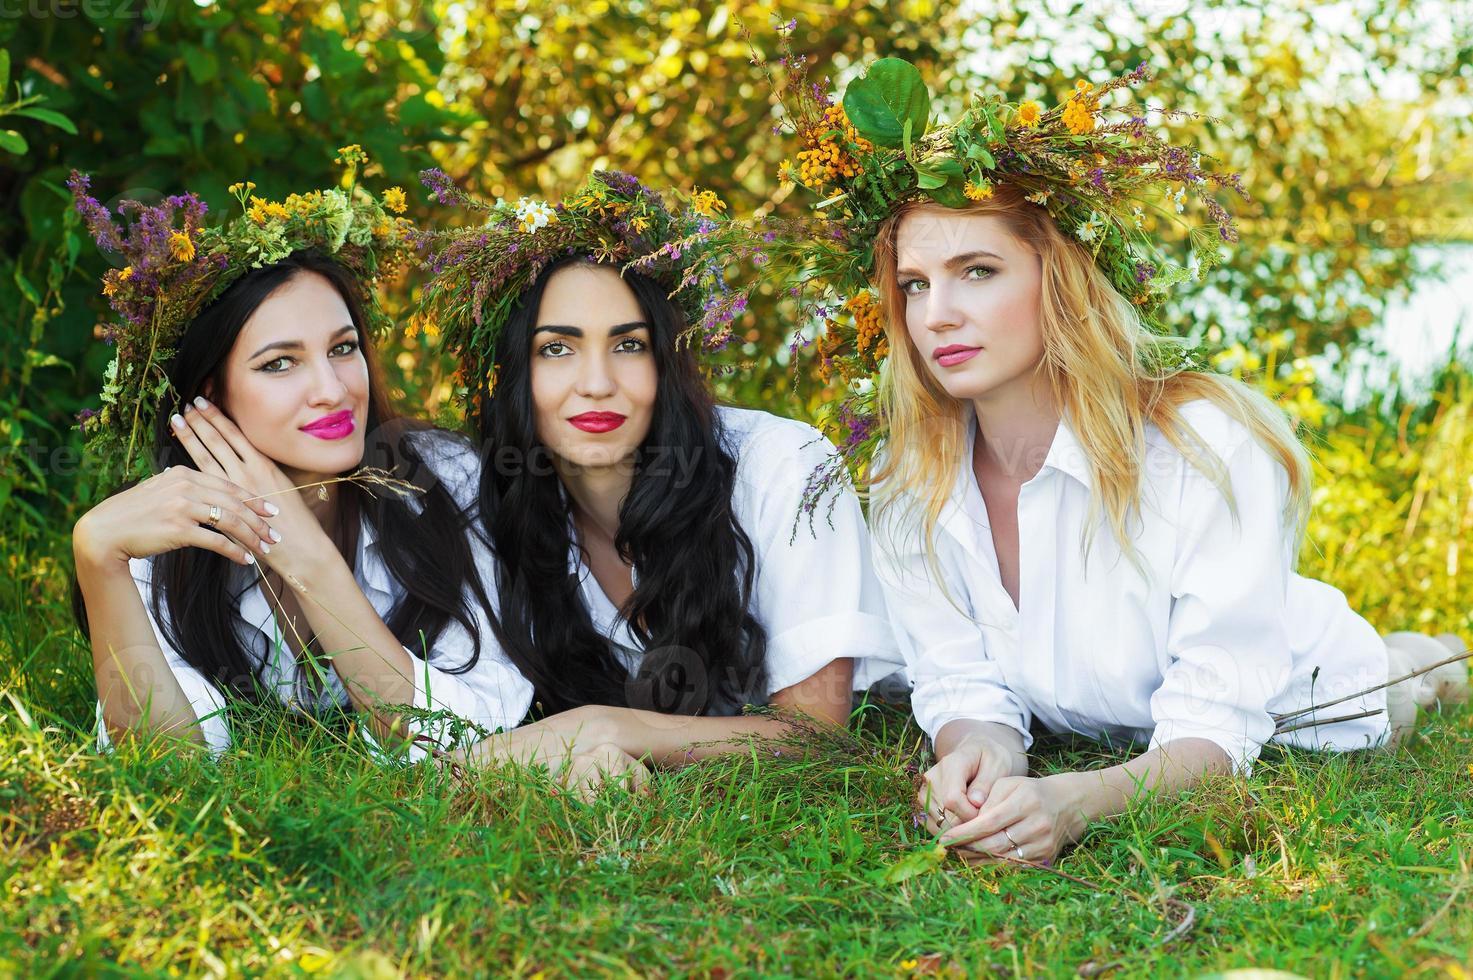 drei charmante Frau, die auf dem Gras mit Blumenkranz liegt foto